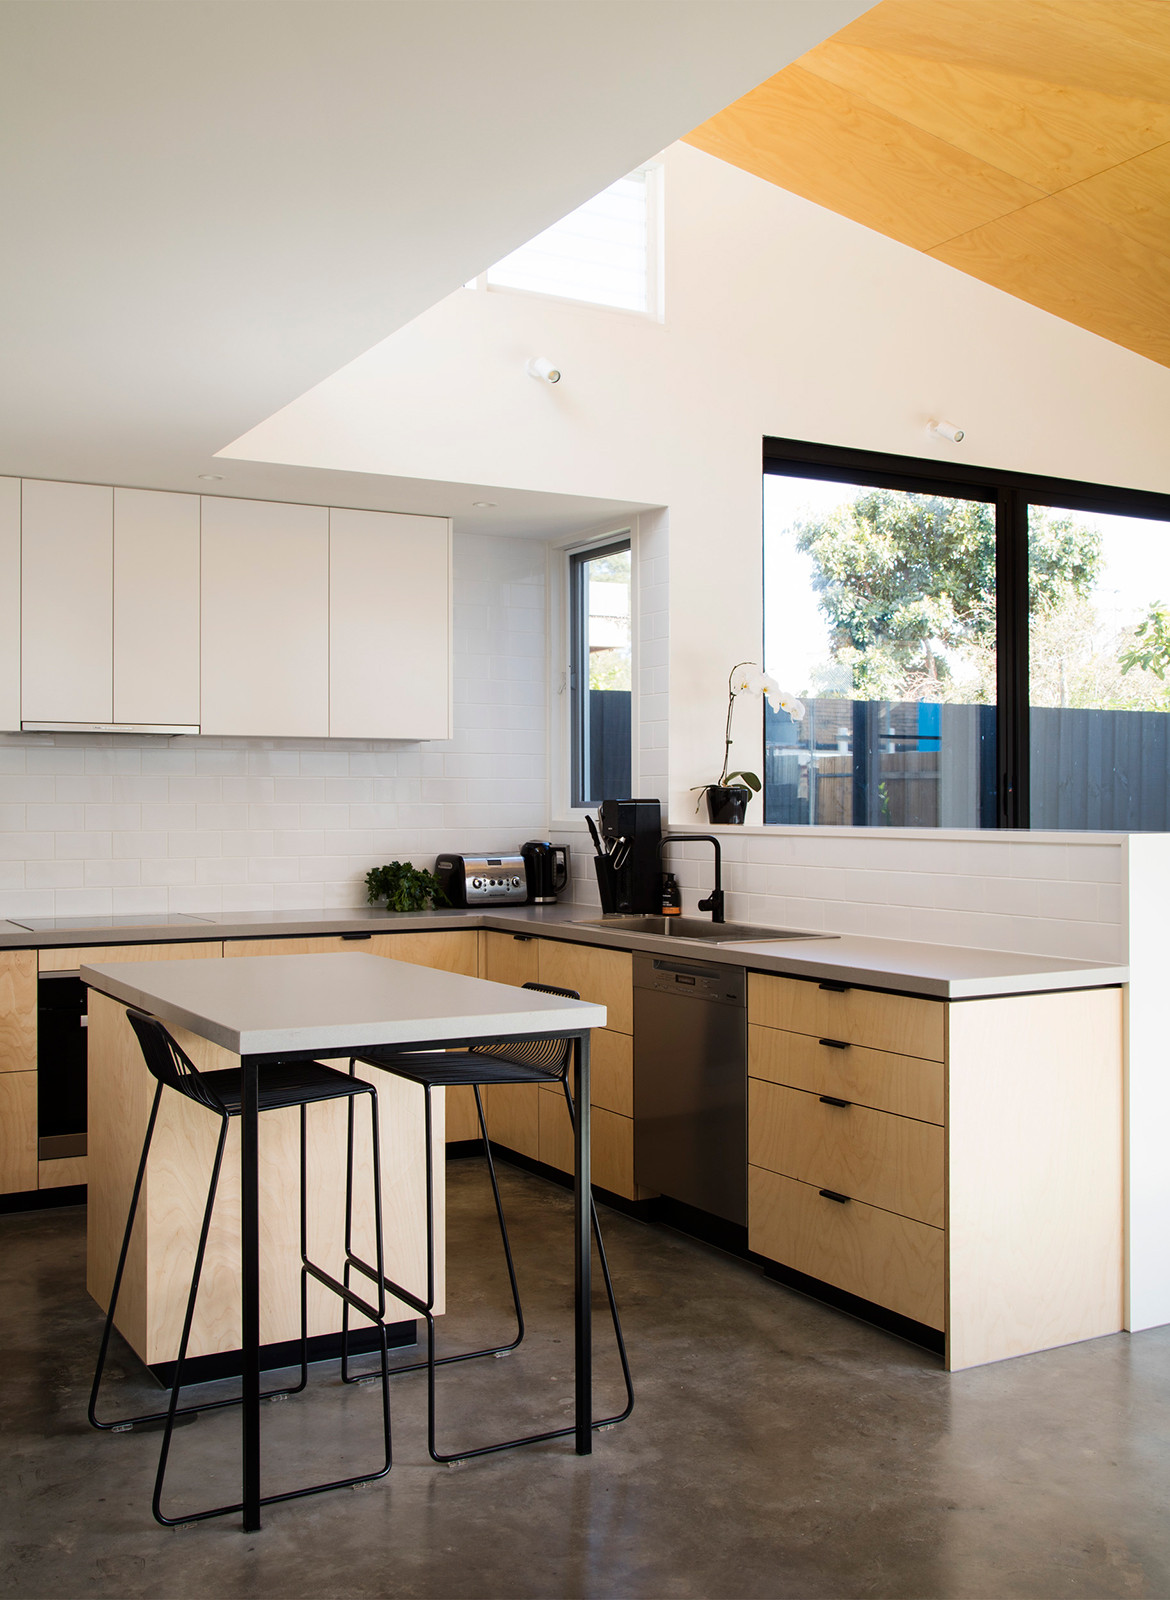 Allan Street House Gardiner Architects CC Rory Gardiner kitchen